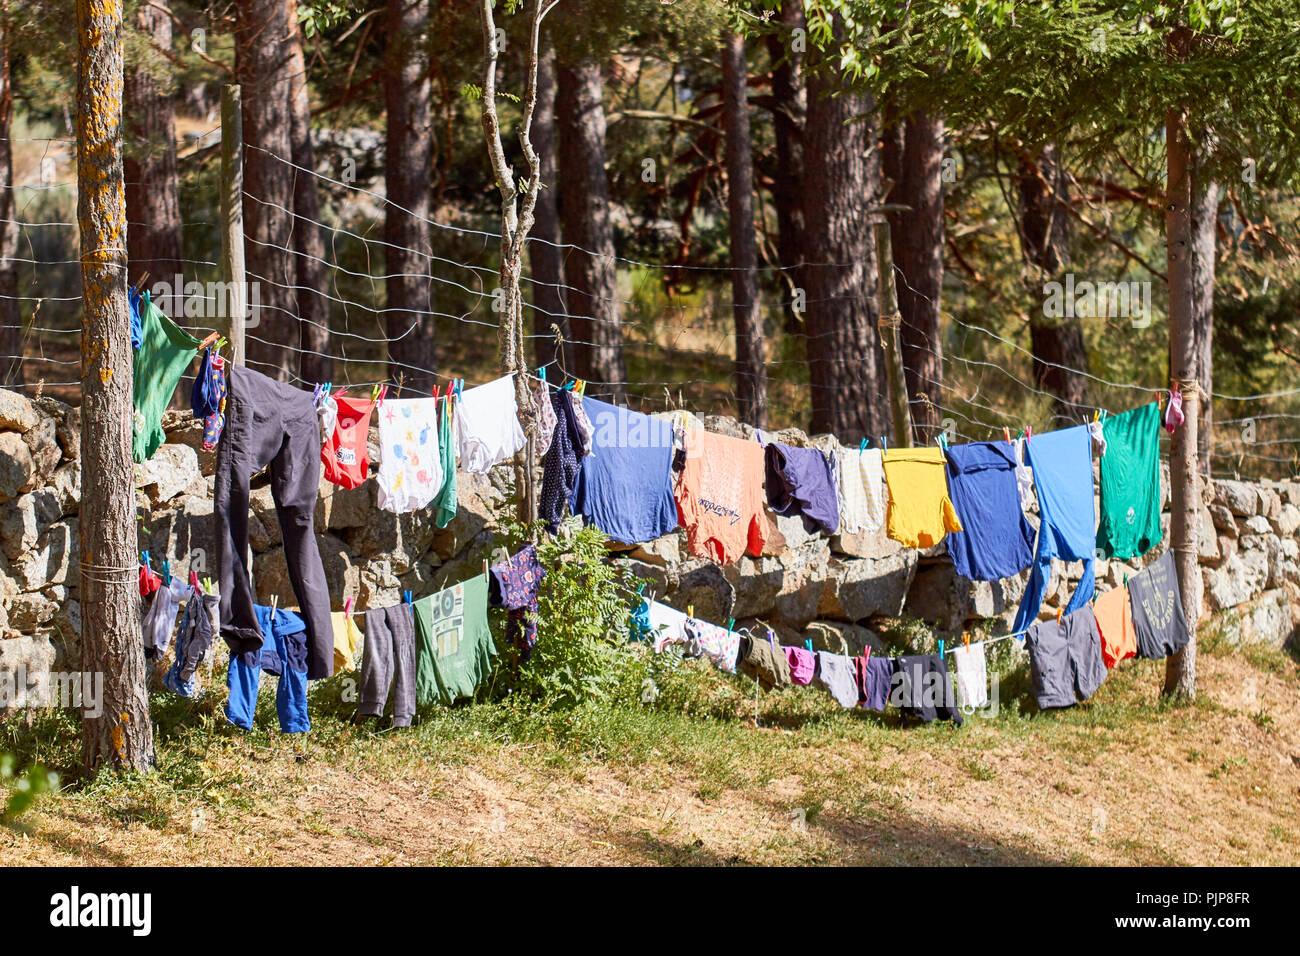 Línea de ropa en un camping Imagen De Stock